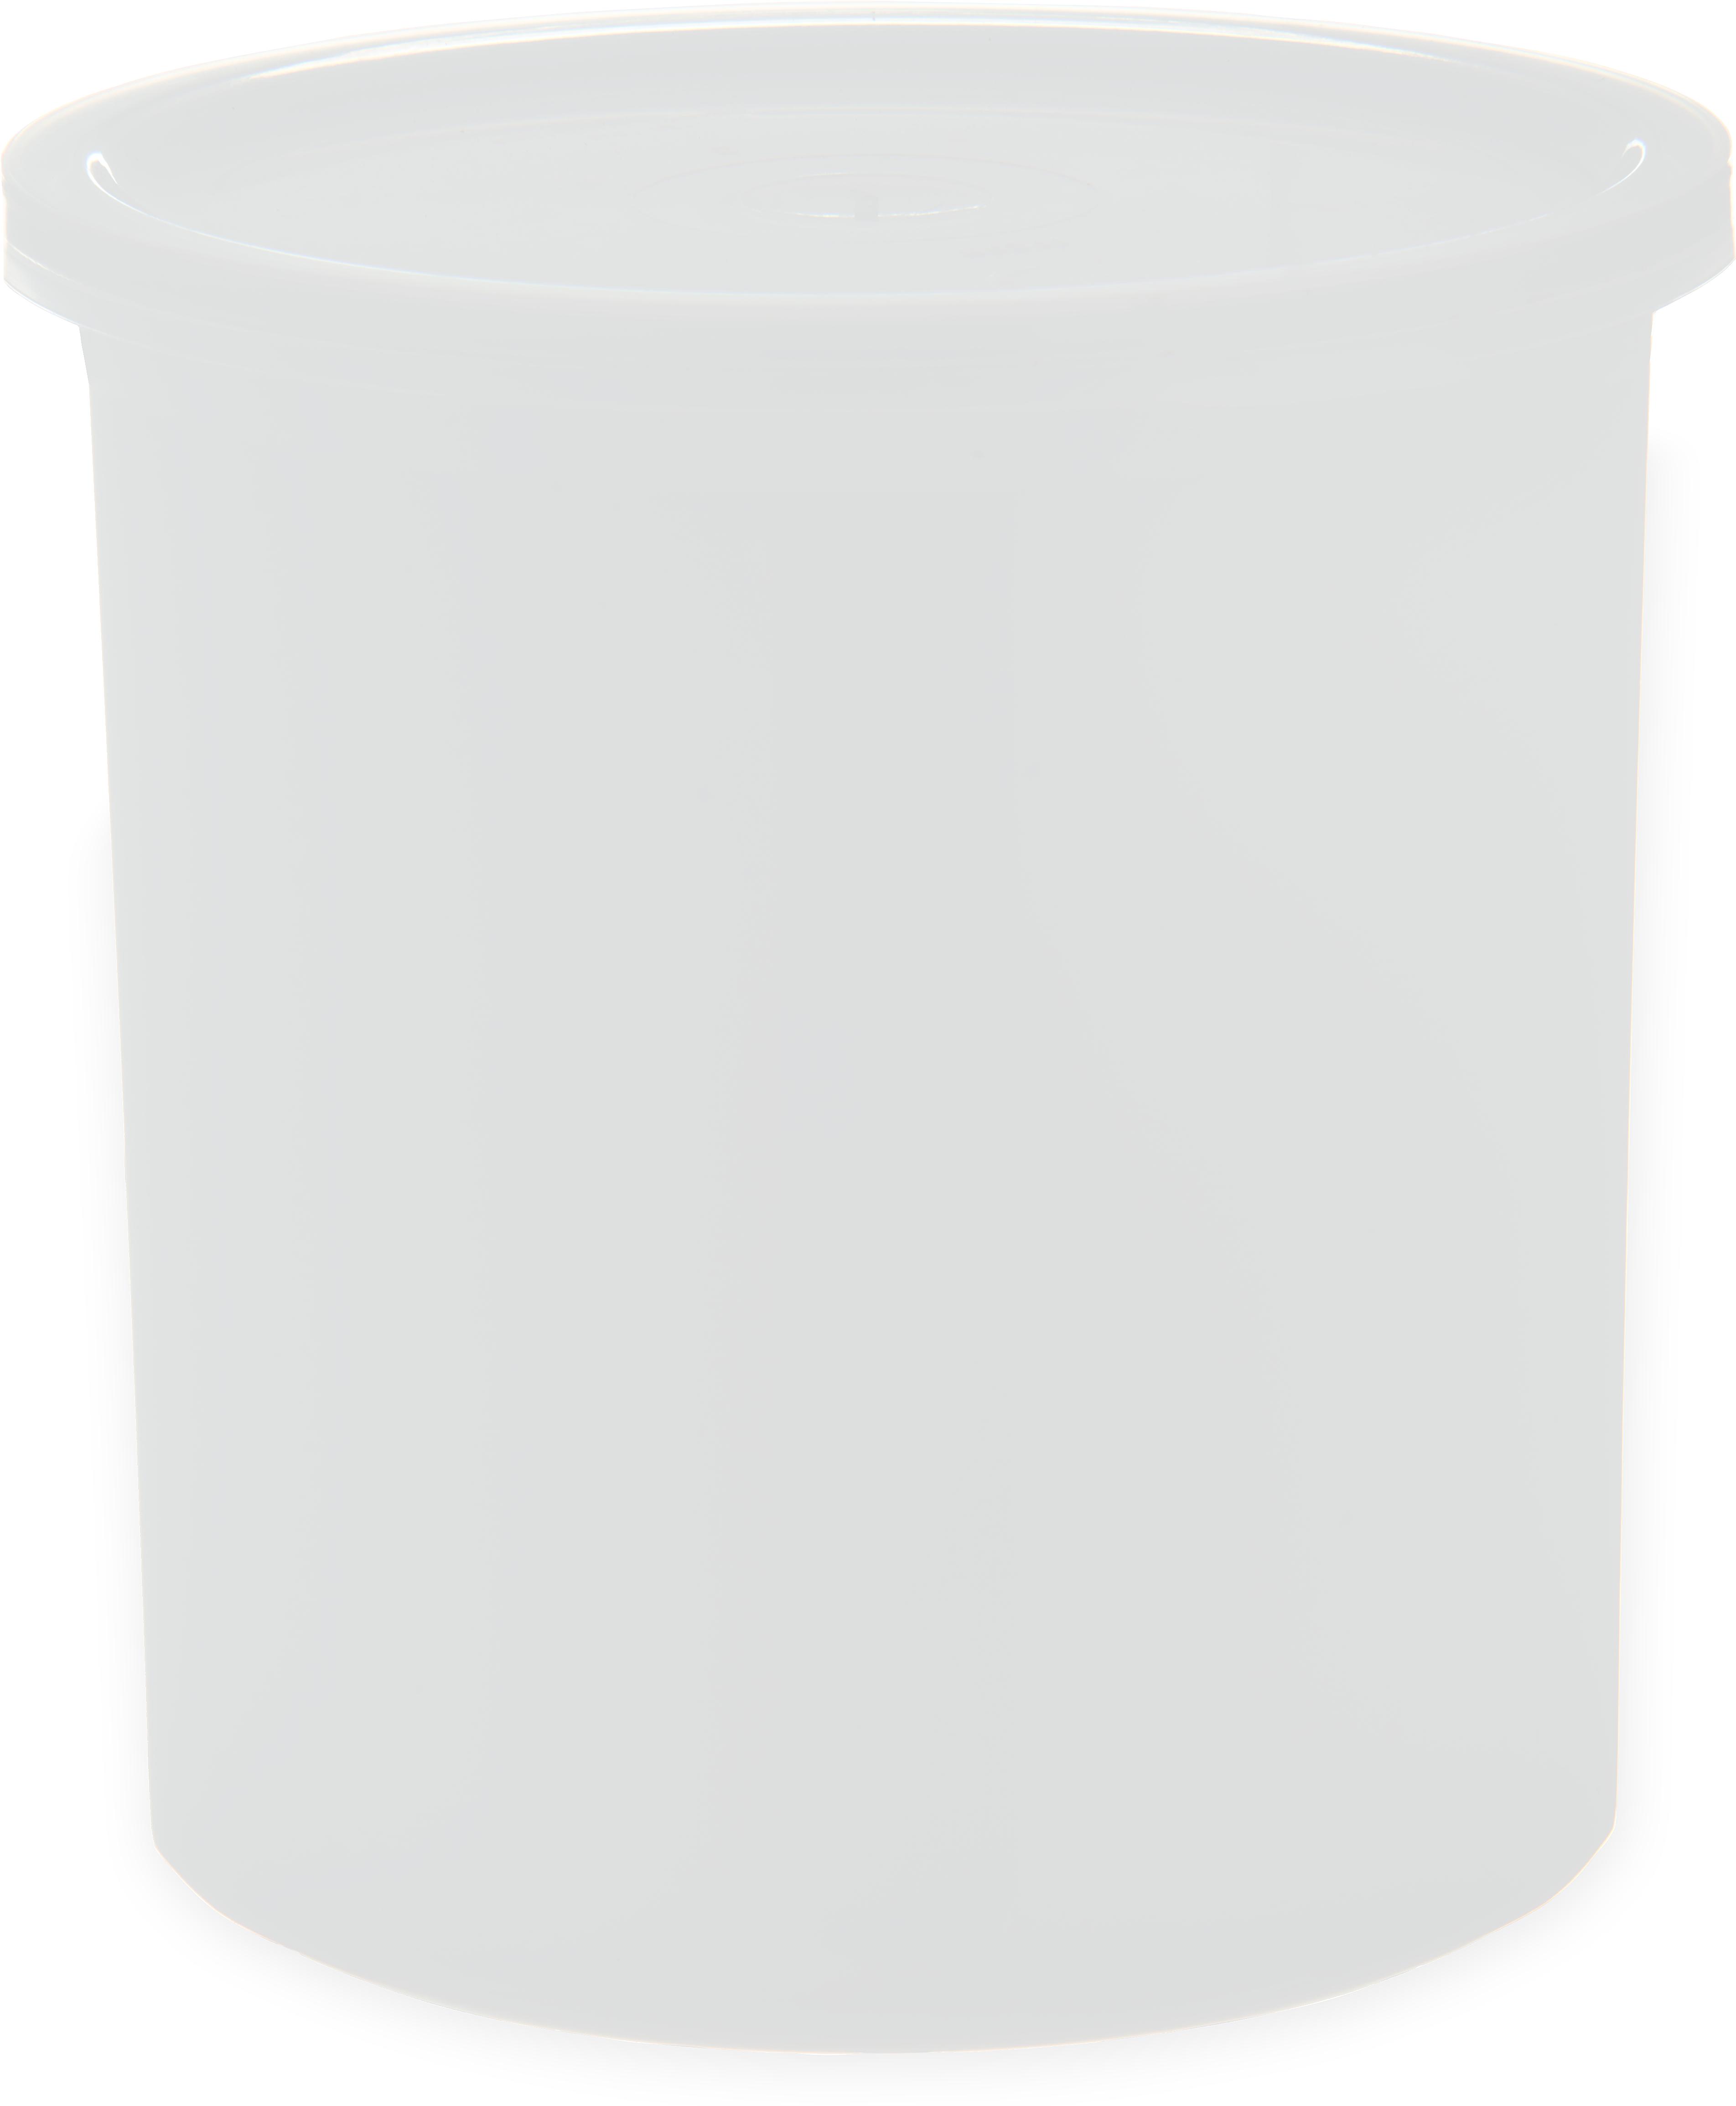 Classic Crock w/Lid 1.2 qt - White